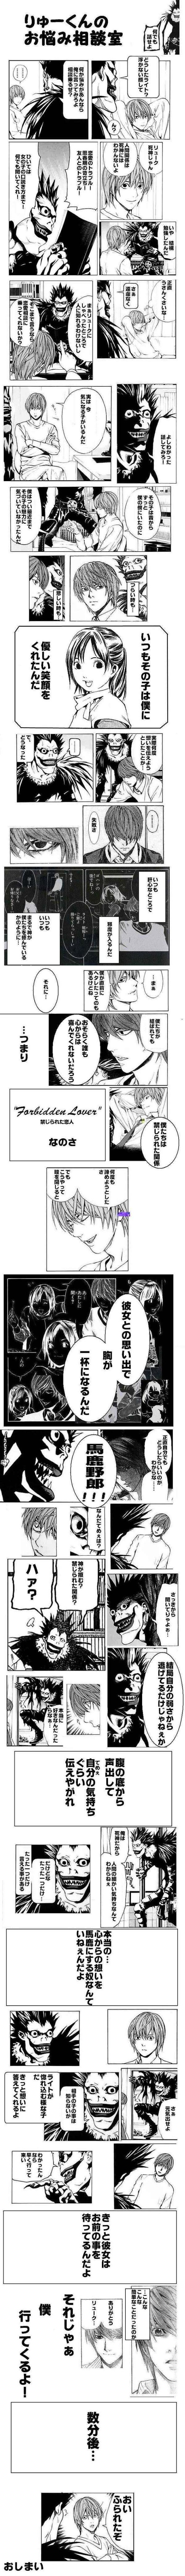 漫画:デスノート -りゅーくんの悩み相談室- [おもしろ]